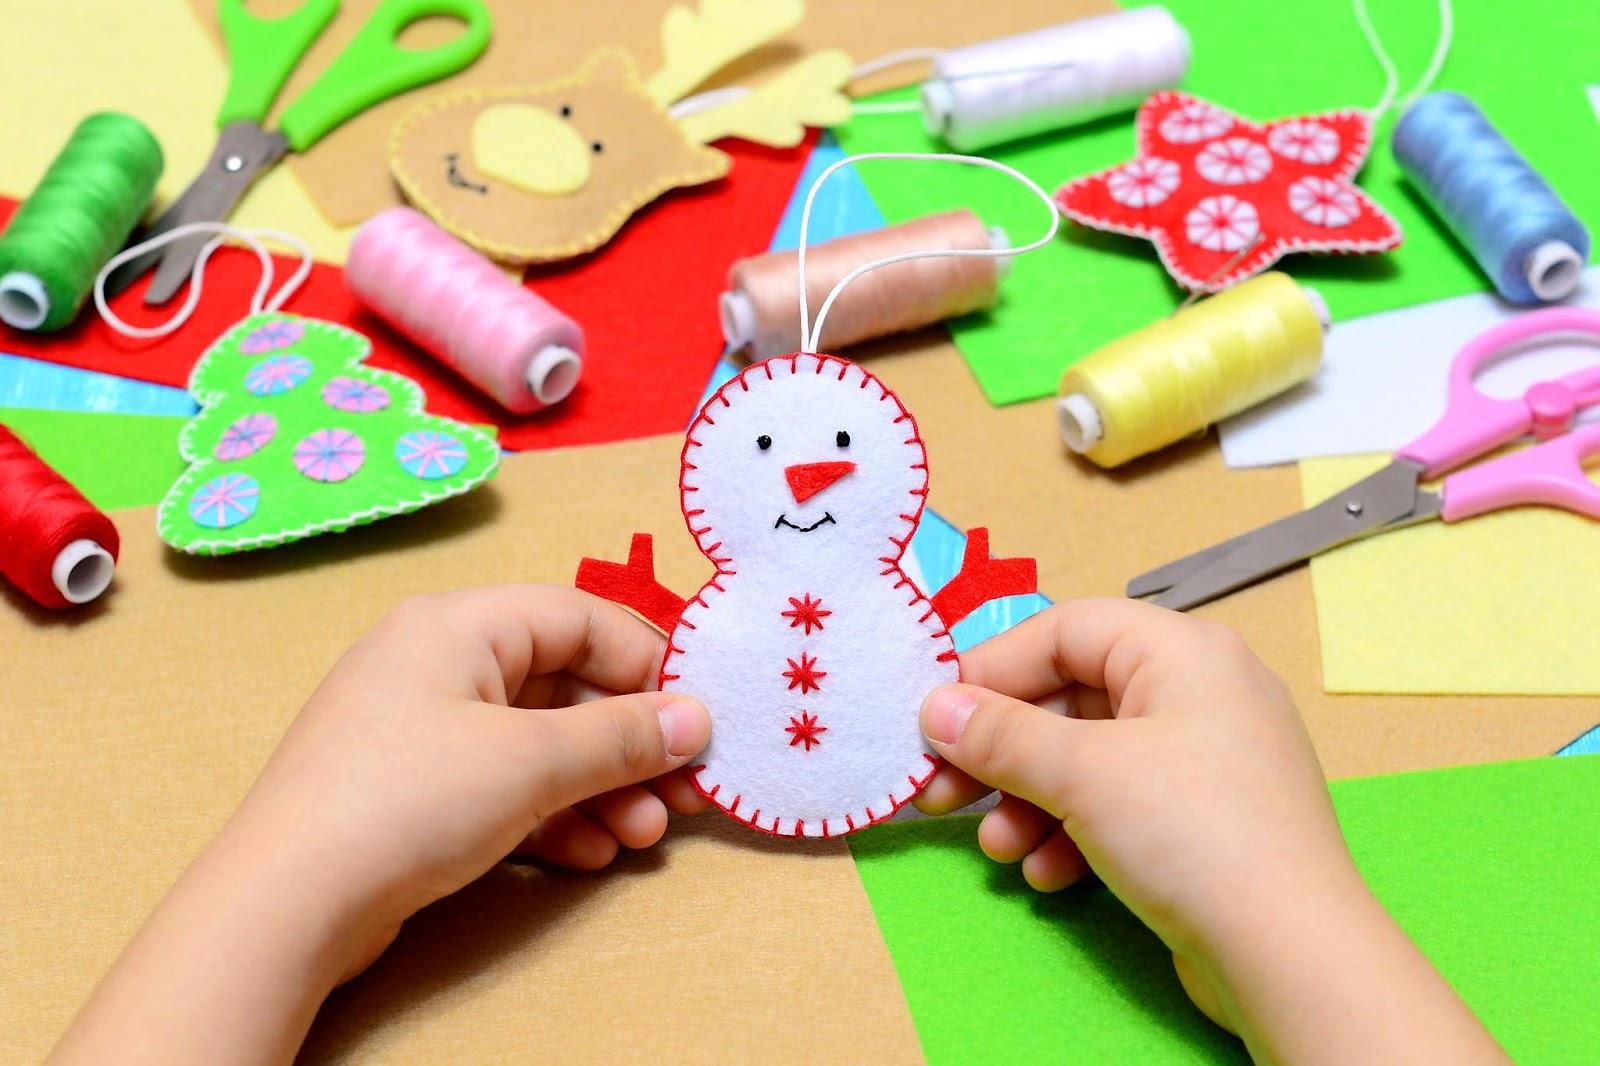 figuras navideñas con fieltro y lana